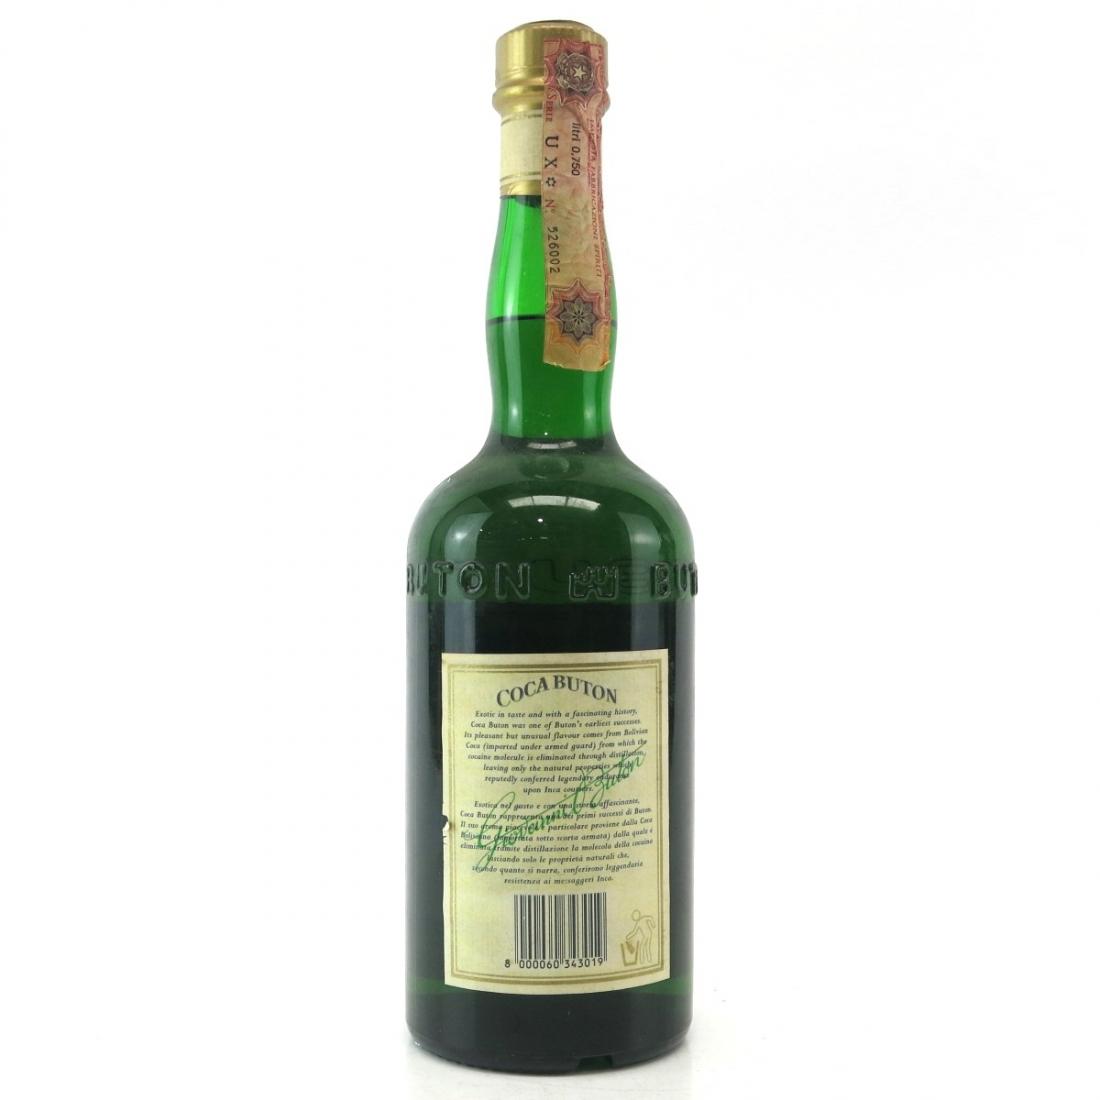 Coca Buton Liquore 1980s